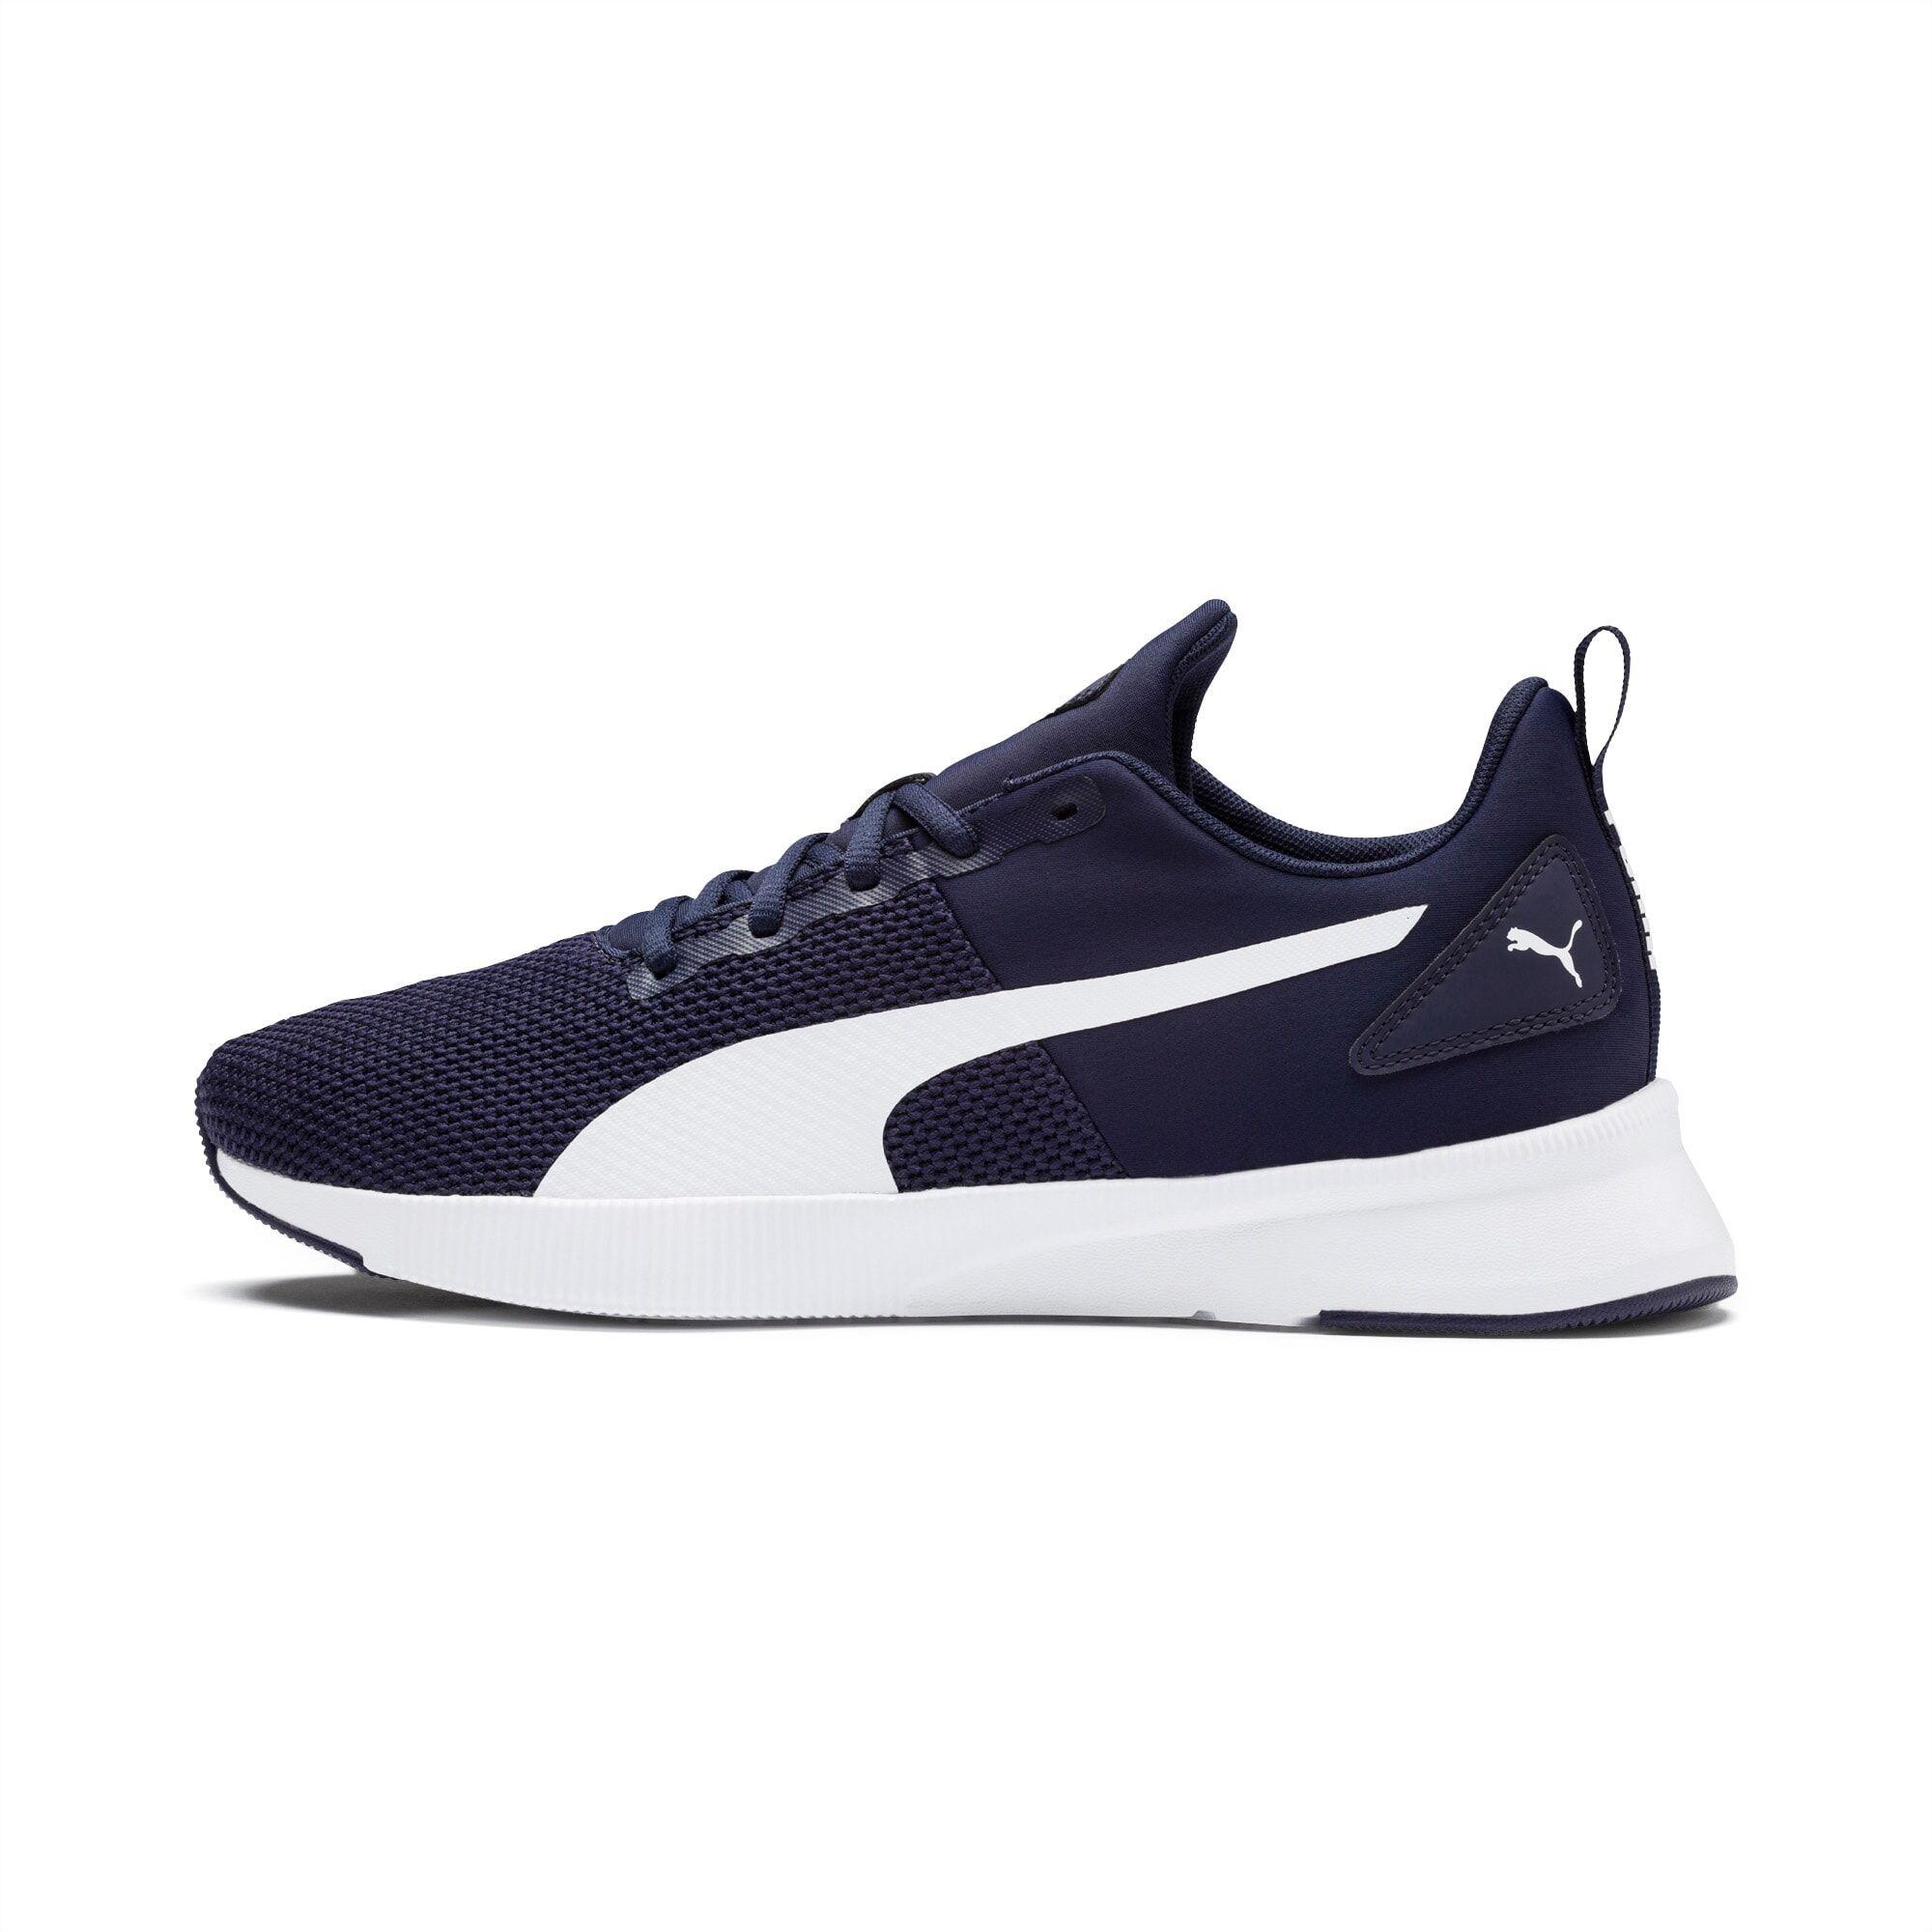 PUMA Chaussure de course Flyer Runner, Bleu/Blanc, Taille 44, Chaussures